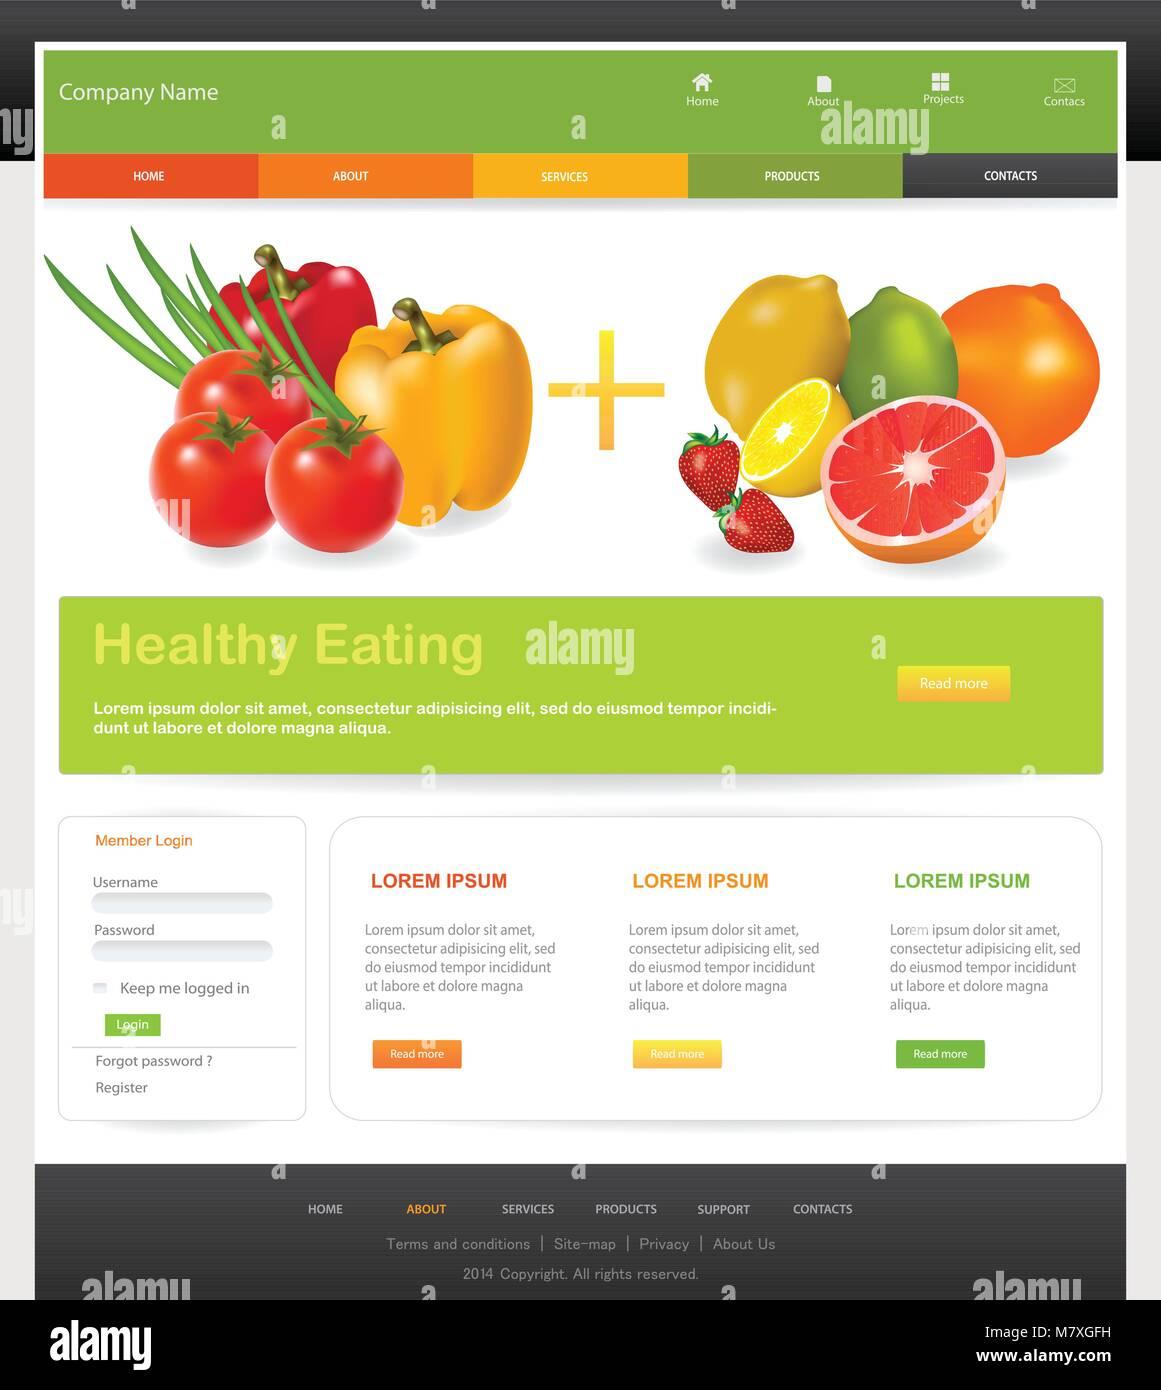 Web design website vector elements diet website template stock web design website vector elements diet website template maxwellsz